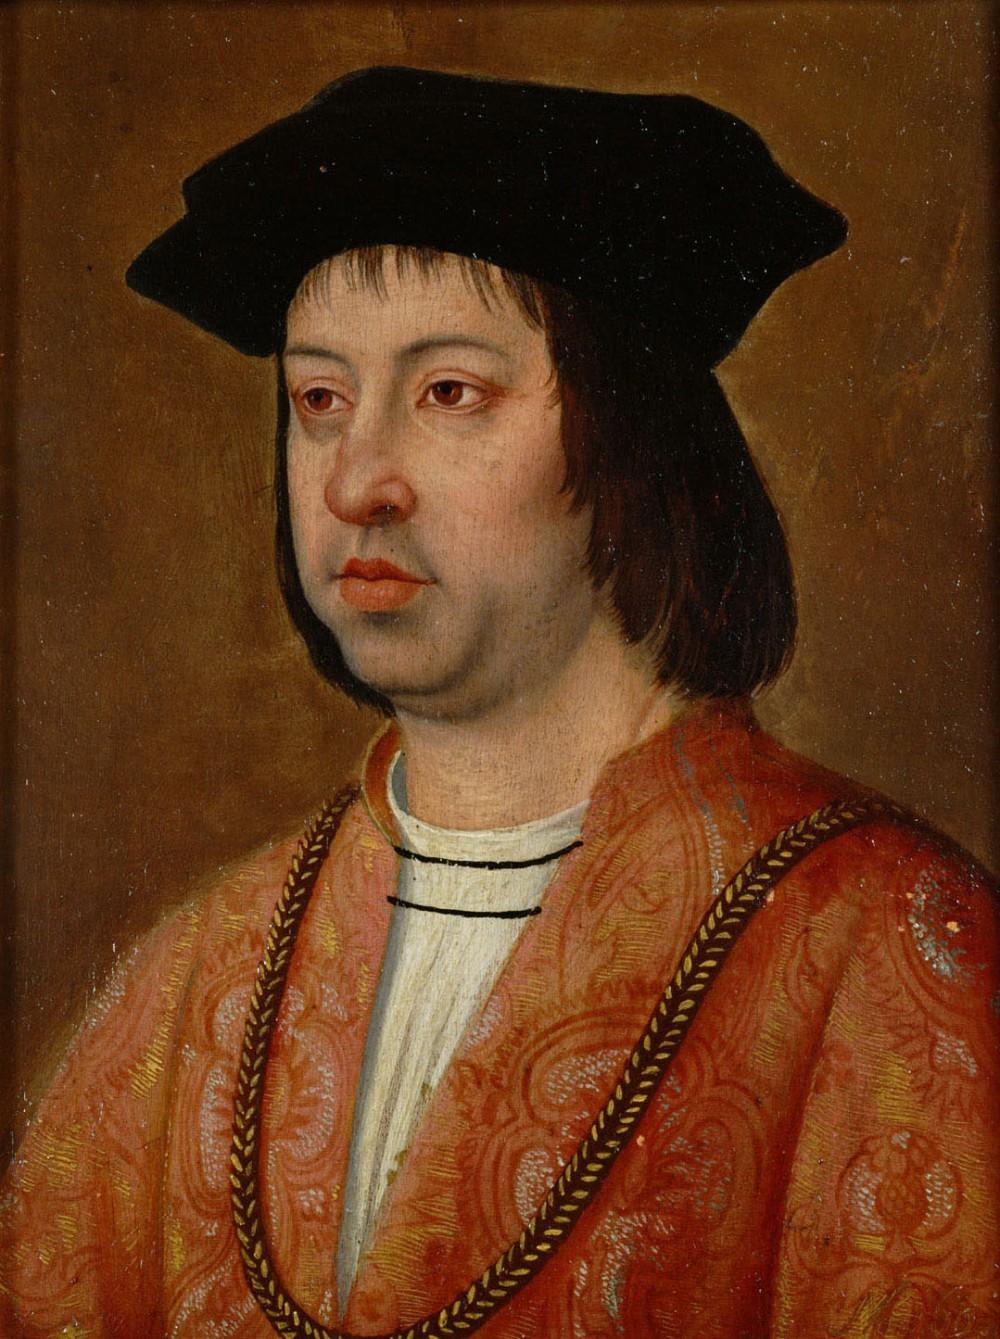 Michel Sittow. Fernando II de Aragón, el Católico. Kunsthistorisches Museum. Viena.